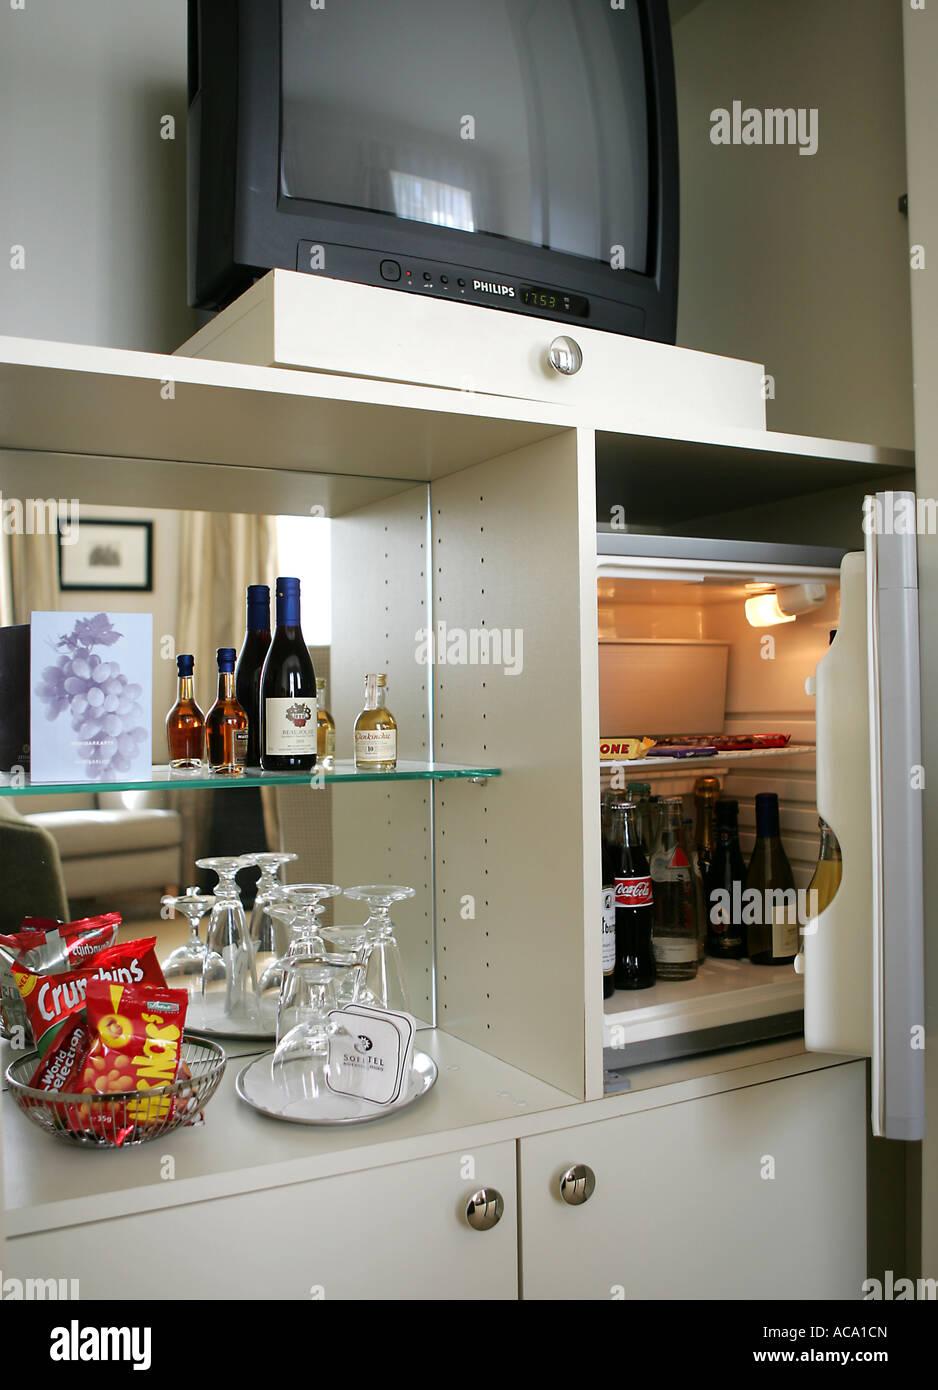 Hotel Minibar Stock Photos & Hotel Minibar Stock Images - Alamy